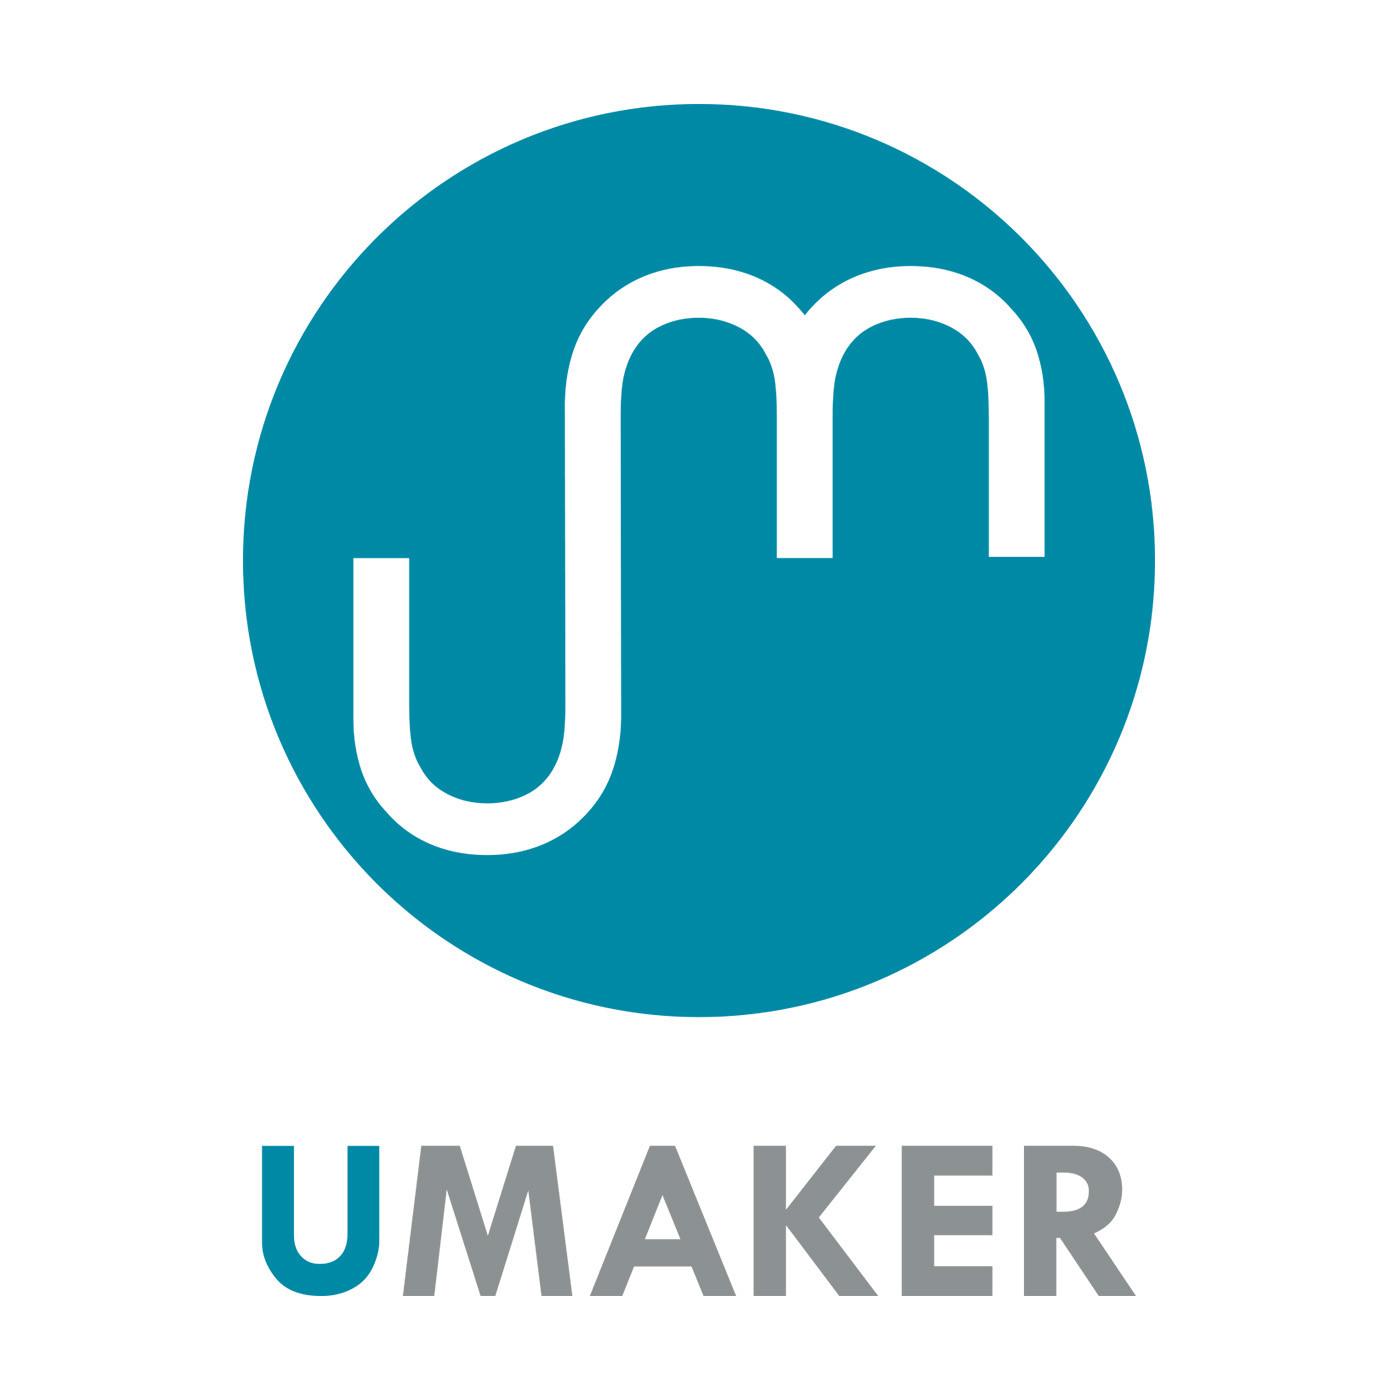 Umaker